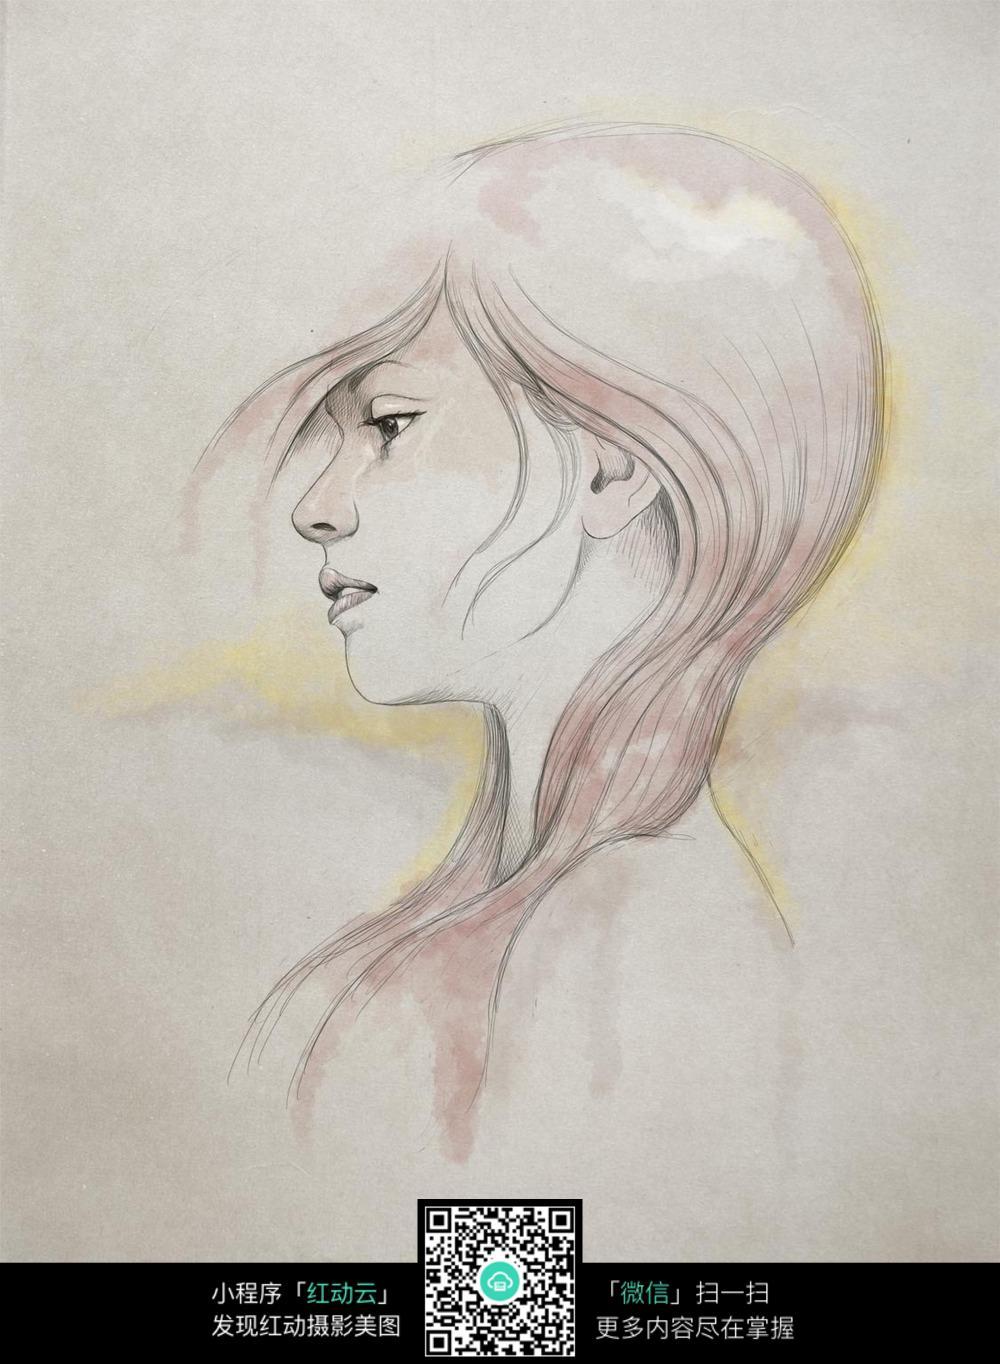 红色头发女性素描画